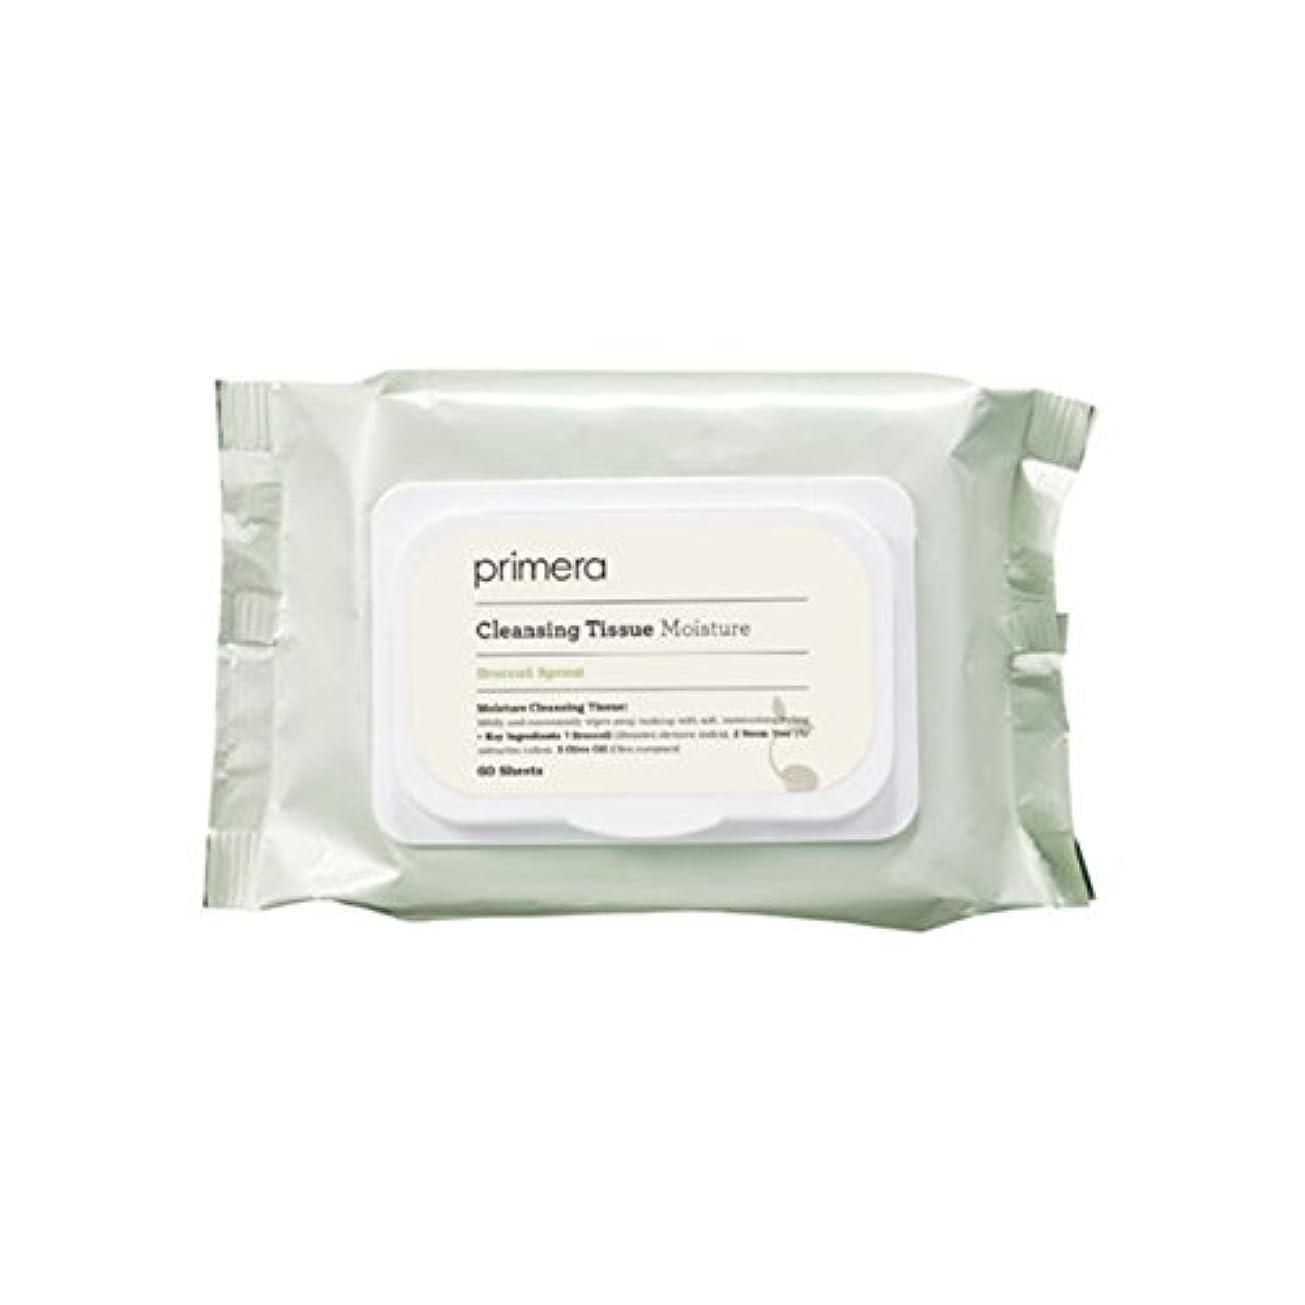 たくさん魅惑するどこか(プリメーラ) PRIMERA モイスチャークレンジングティッシュ Moisture Cleasing Tissue (韓国直発送) oopspanda